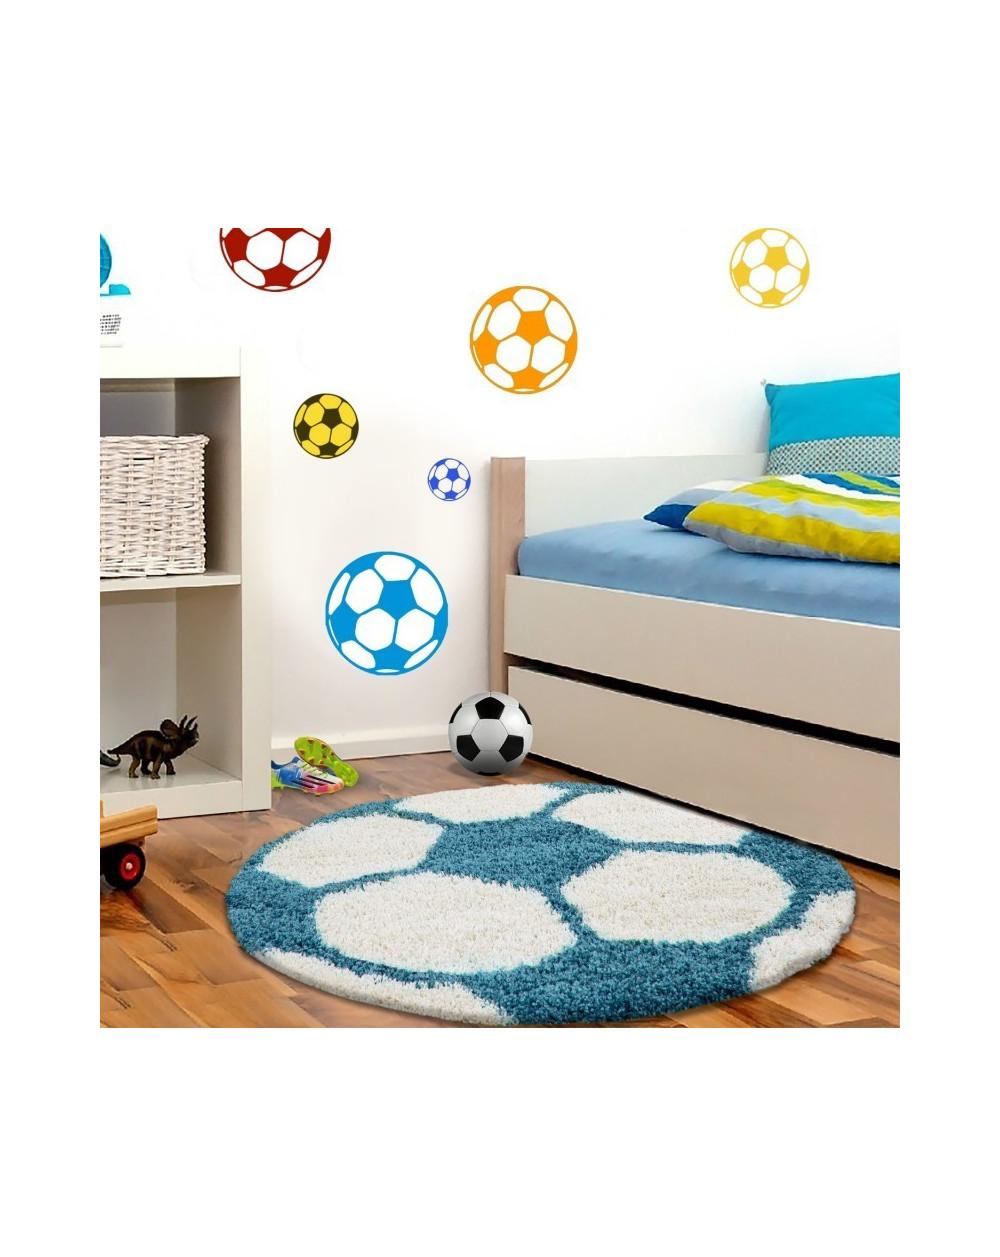 Kinderteppich für Kinderzimmer Fussball form Hochflor Teppich Türkis-Weiss  Größe 100x100 cm Rund